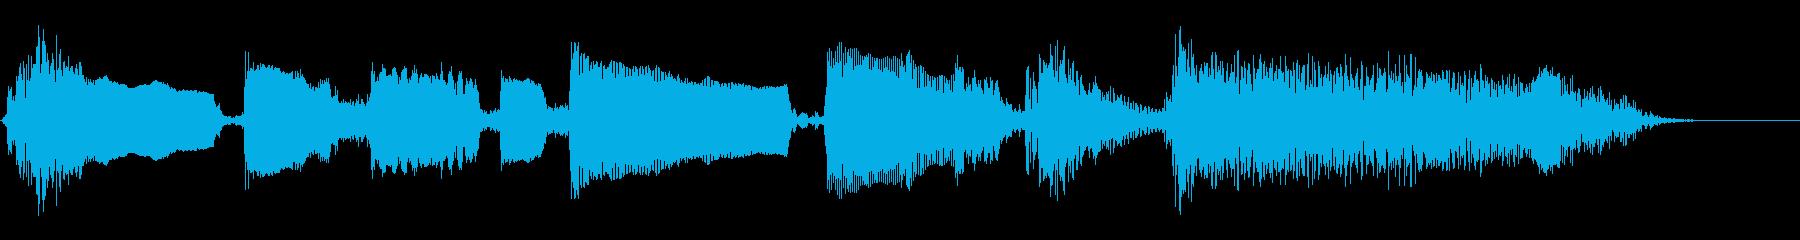 ブルース エンディング 節目 の再生済みの波形